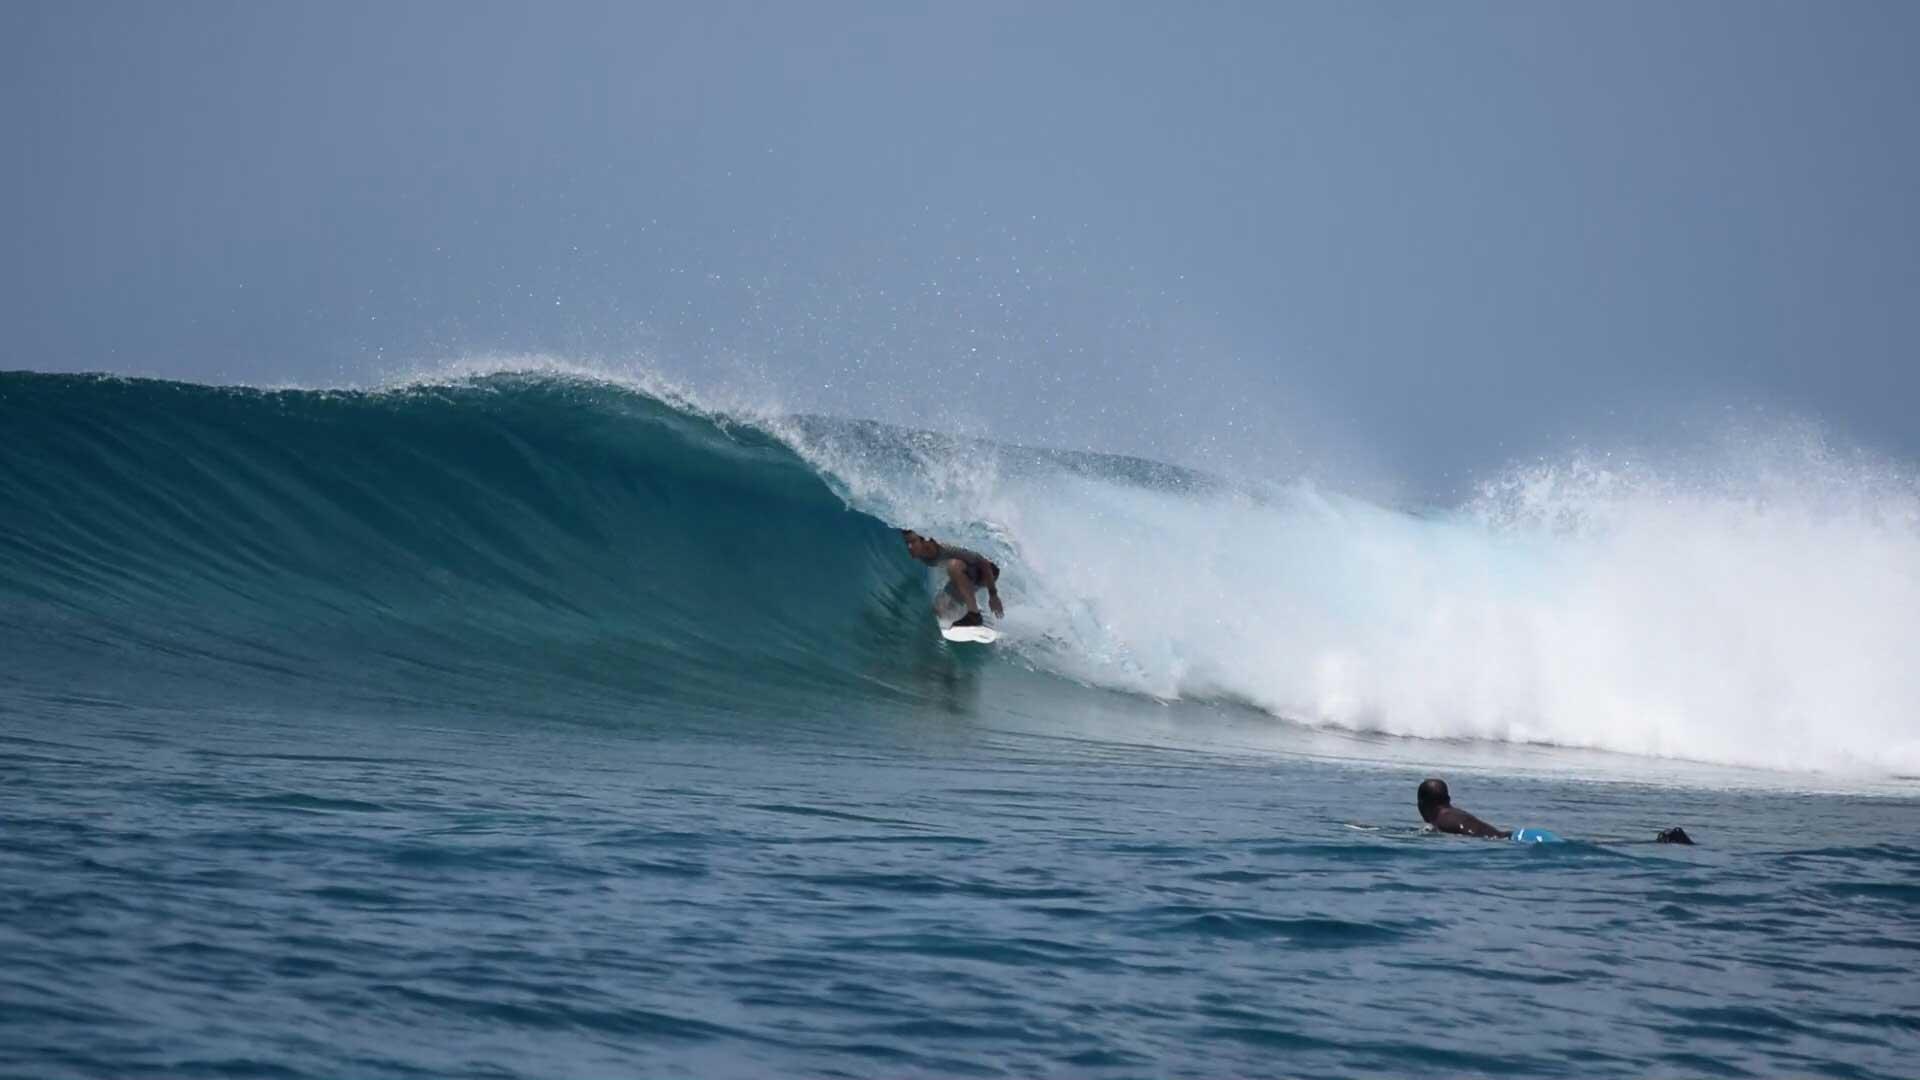 【体験談】Maldives Central Atolls 新婚旅行&サーフィン